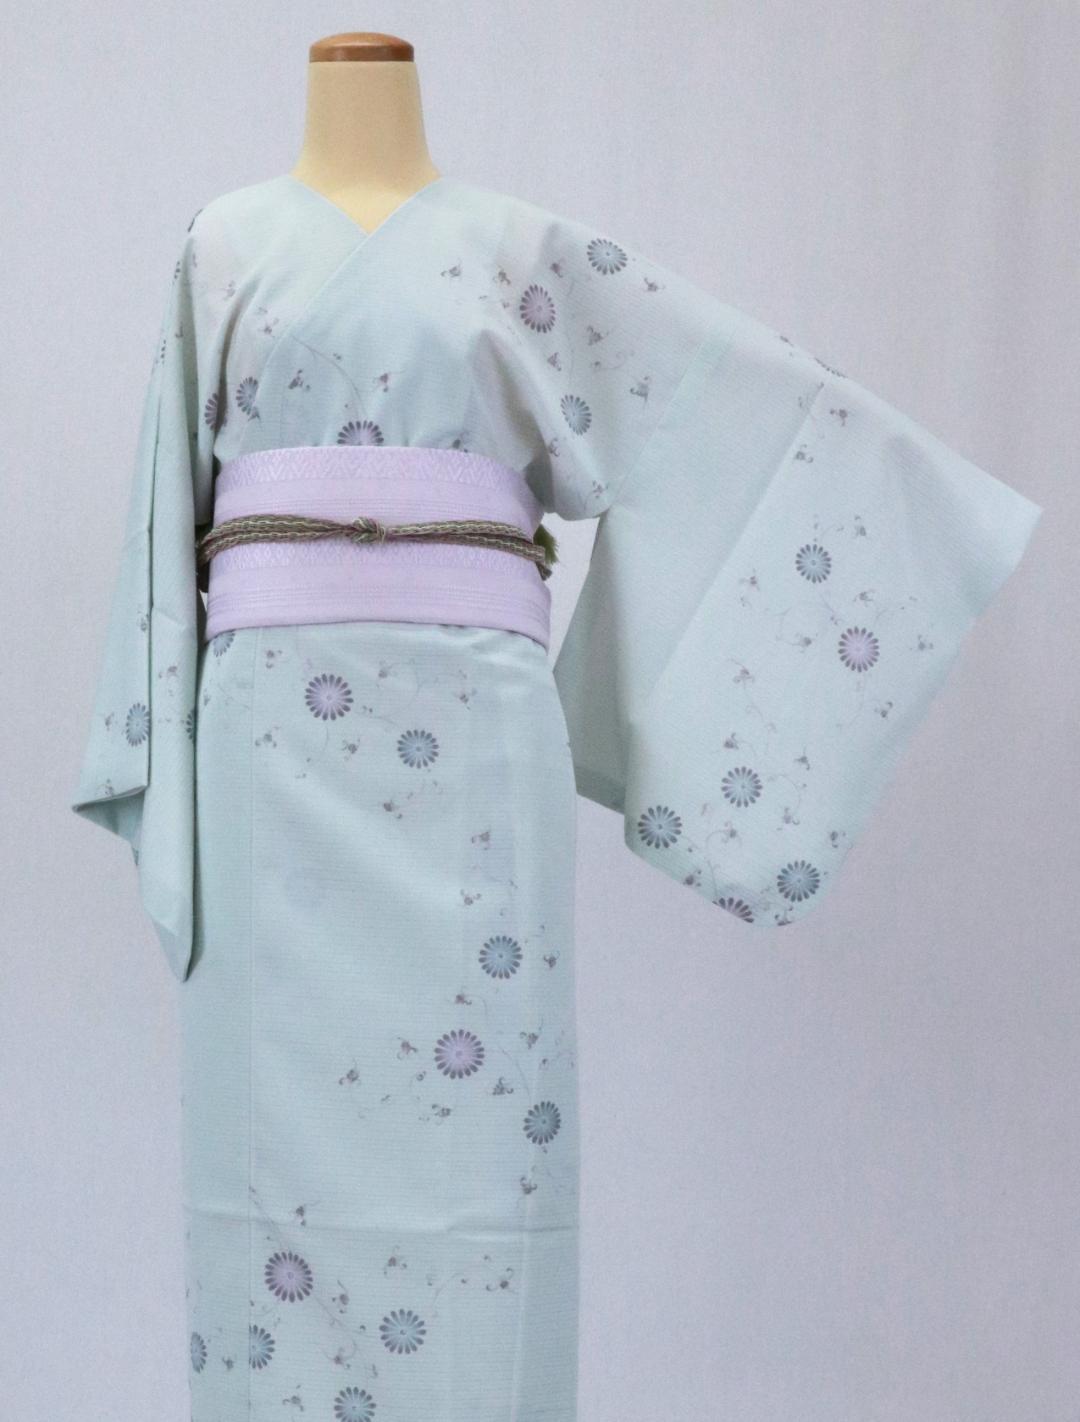 【日本製】 単品(衿なし)高級夏着物 絽 [薄黄緑系][N049][STサイズ]画像